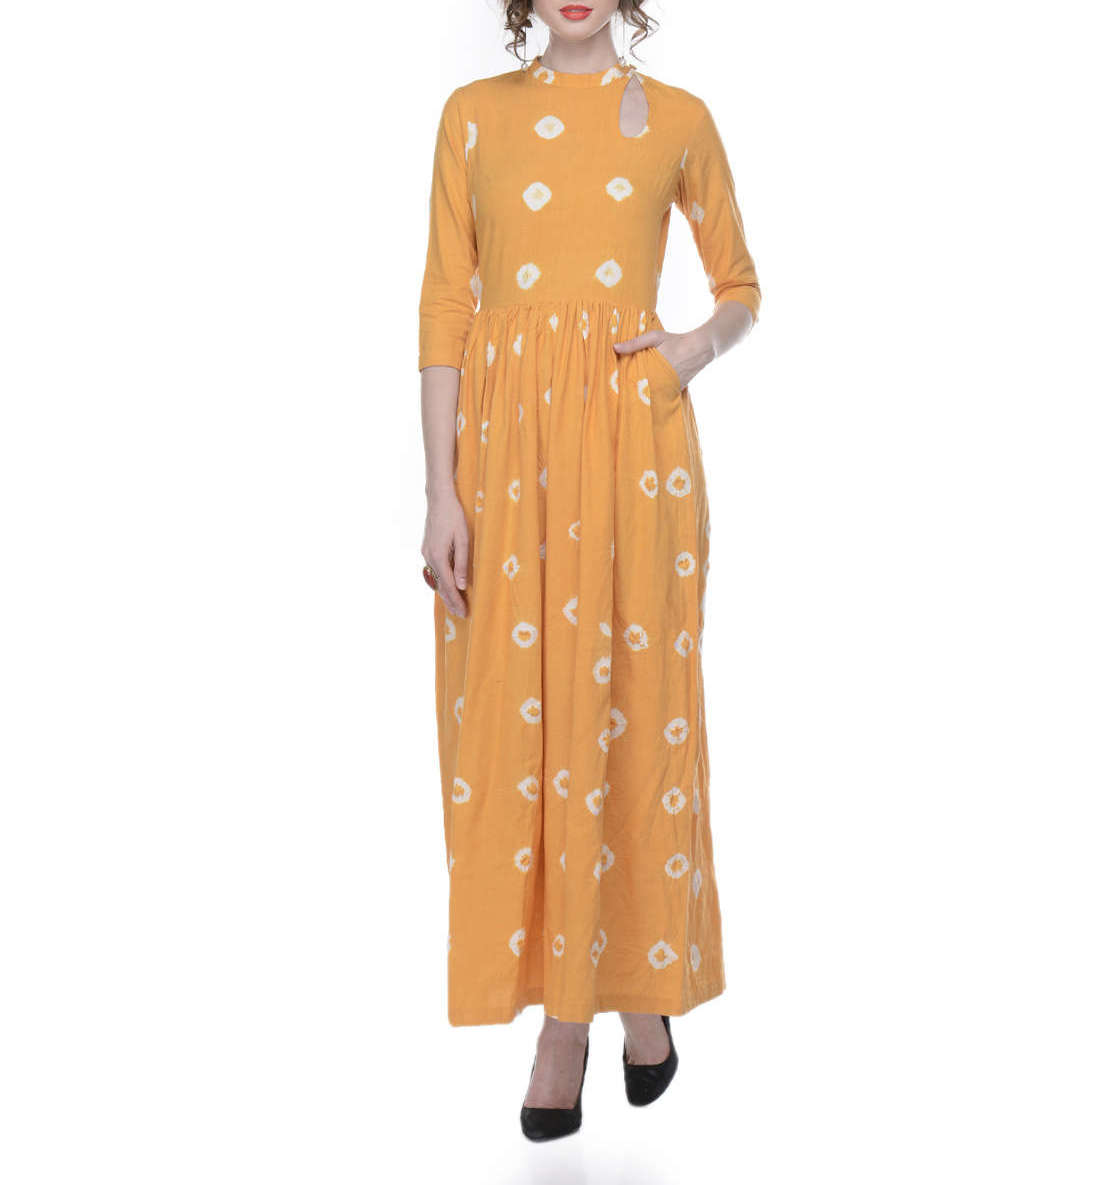 Yellow tye and dye maxi dress